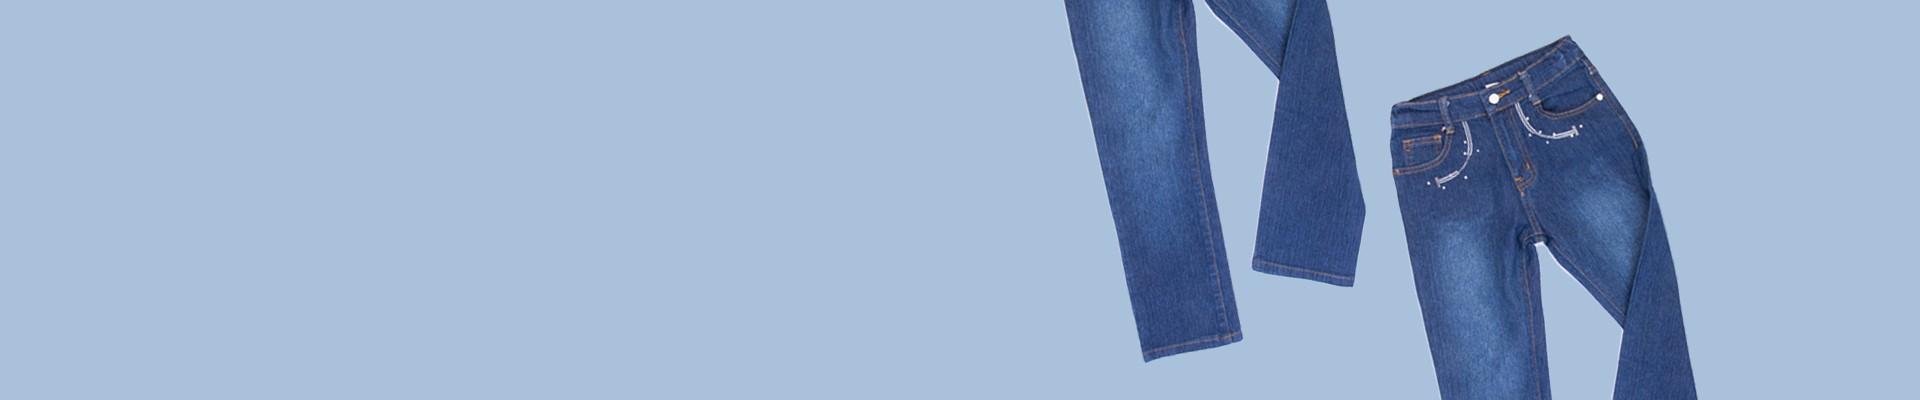 Celana Panjang Anak Laki-laki Branded Terbaru 2018